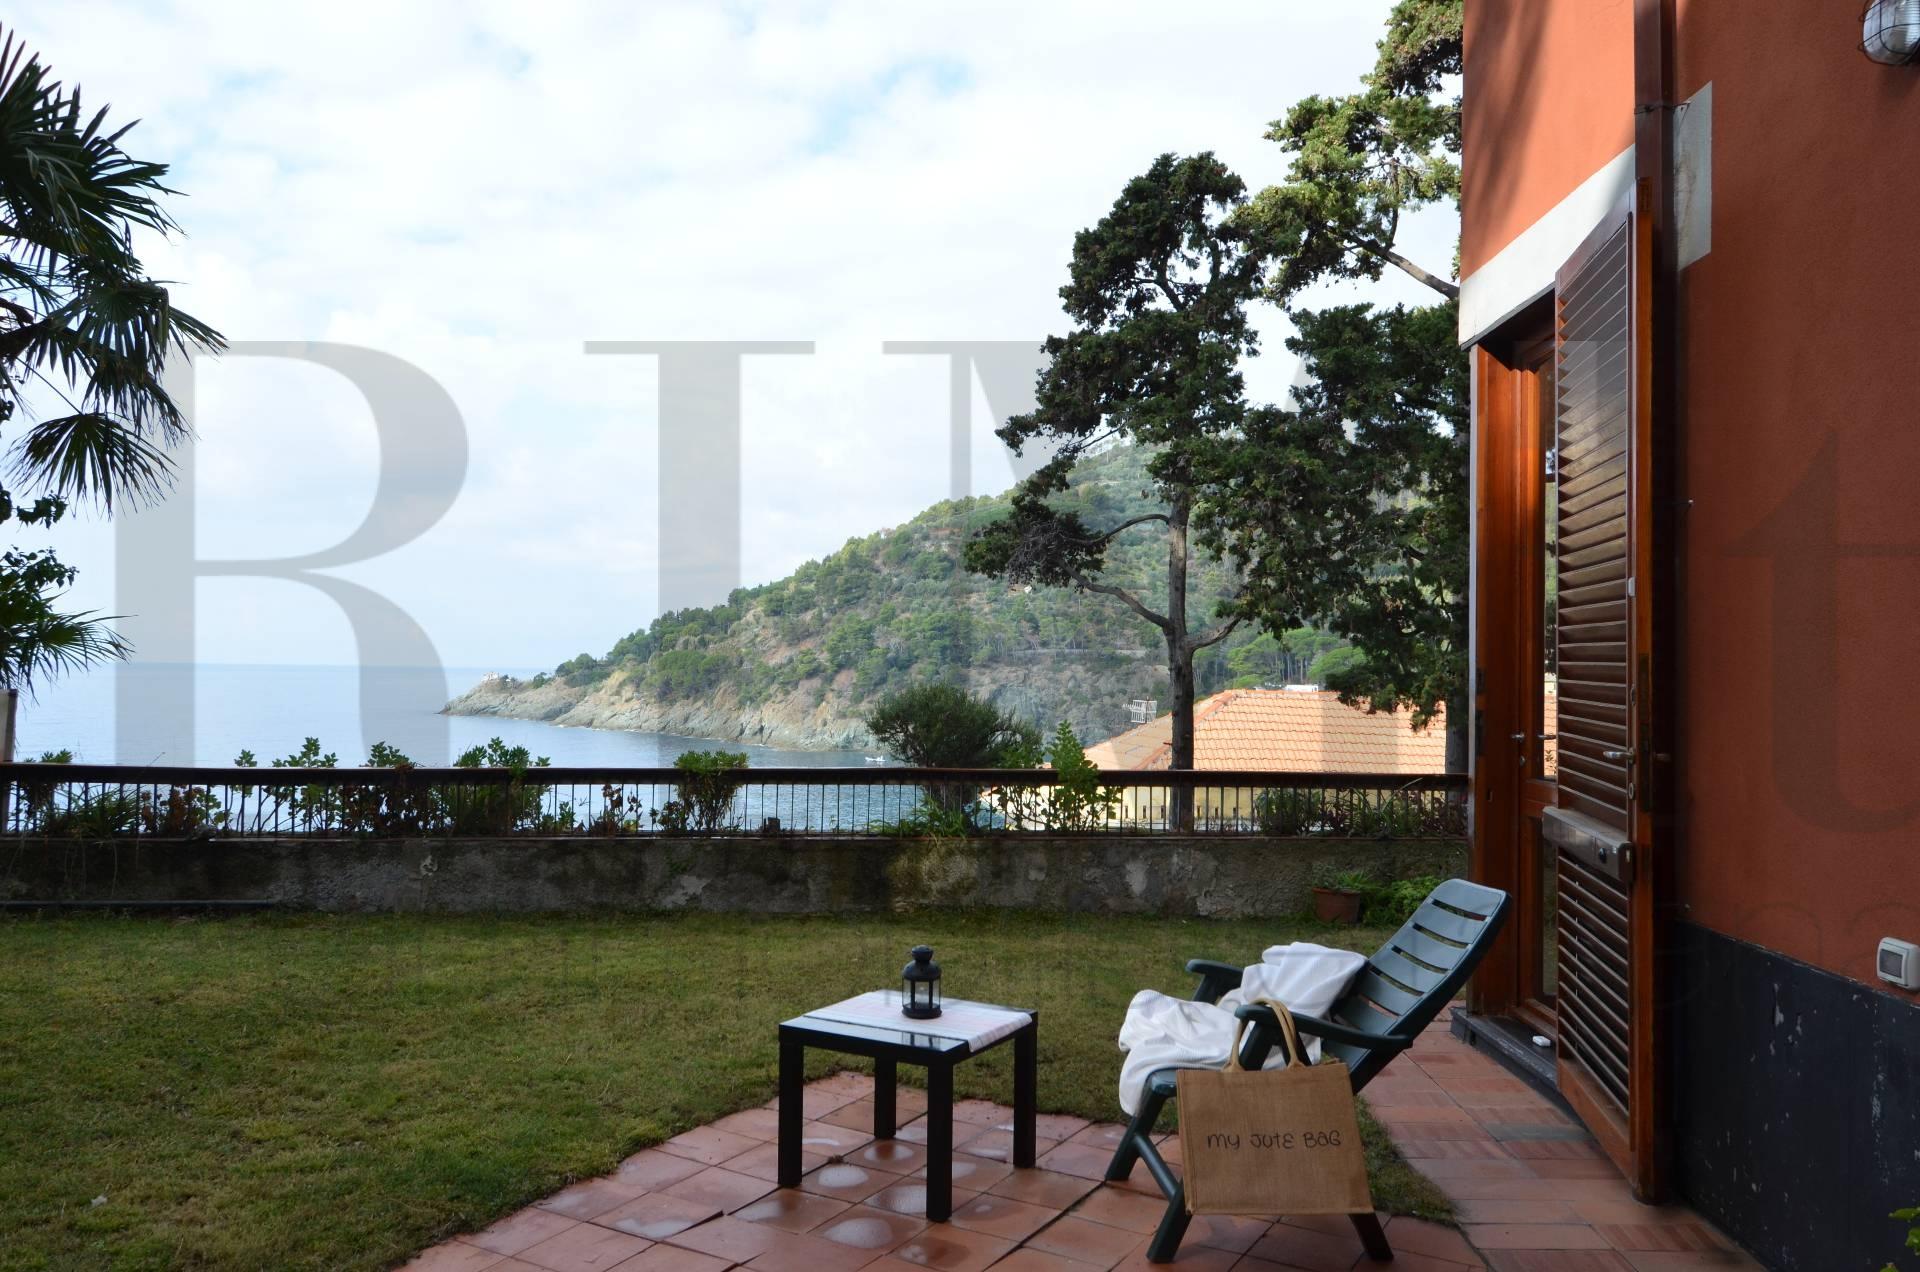 Appartamento in vendita a Bonassola, 4 locali, prezzo € 665.000 | CambioCasa.it